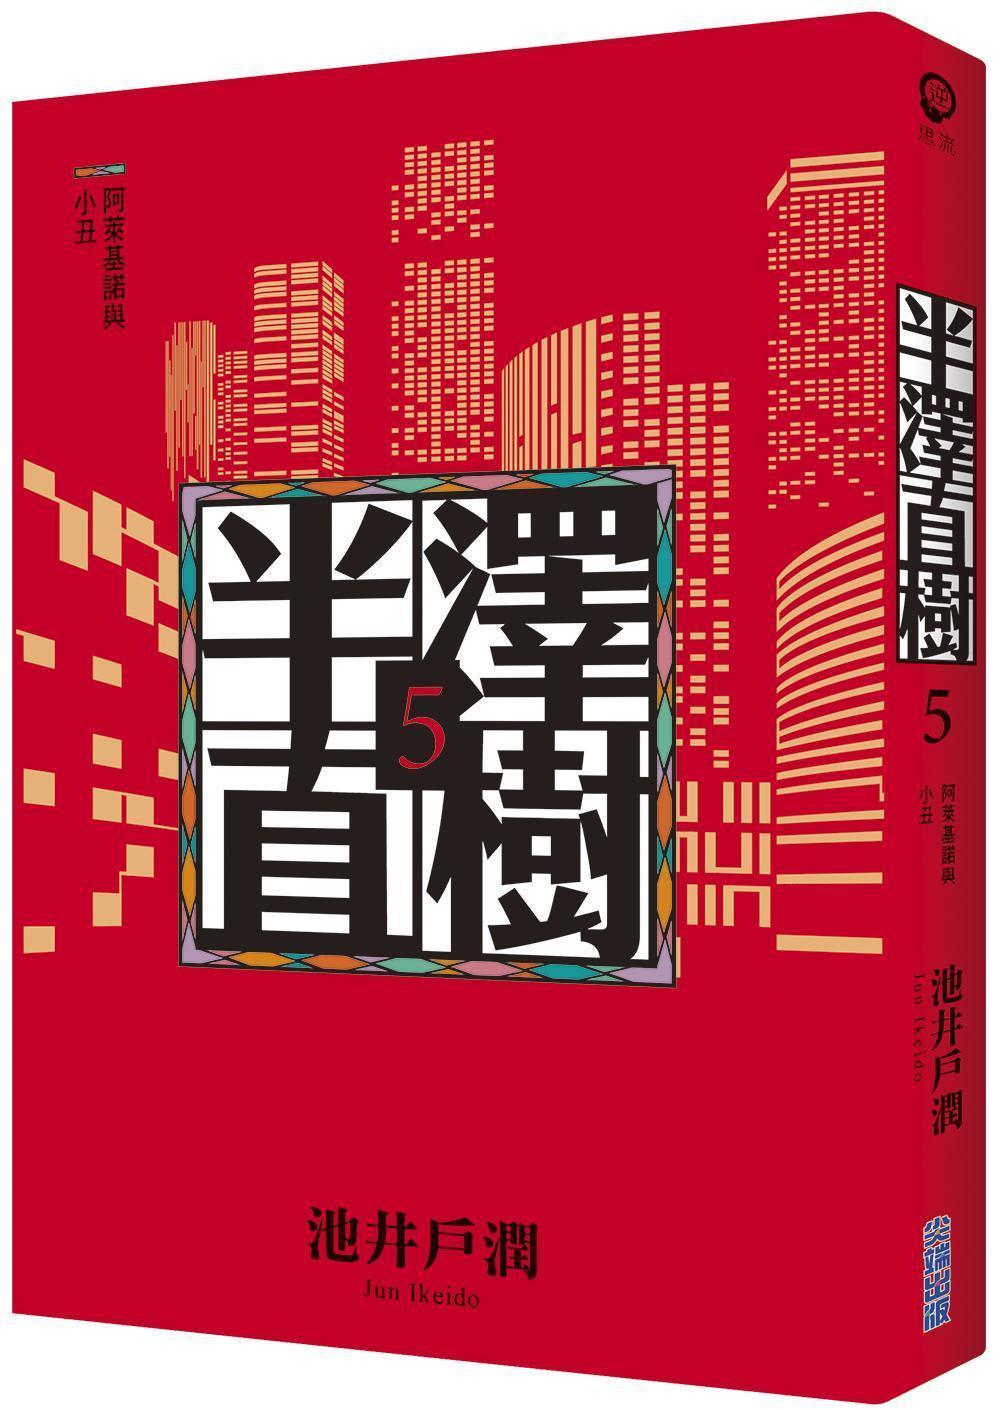 《半澤直樹》系列小說《阿萊基諾與小丑》上月在日本上架已賣出35萬本,台灣也已上市。(尖端出版提供)